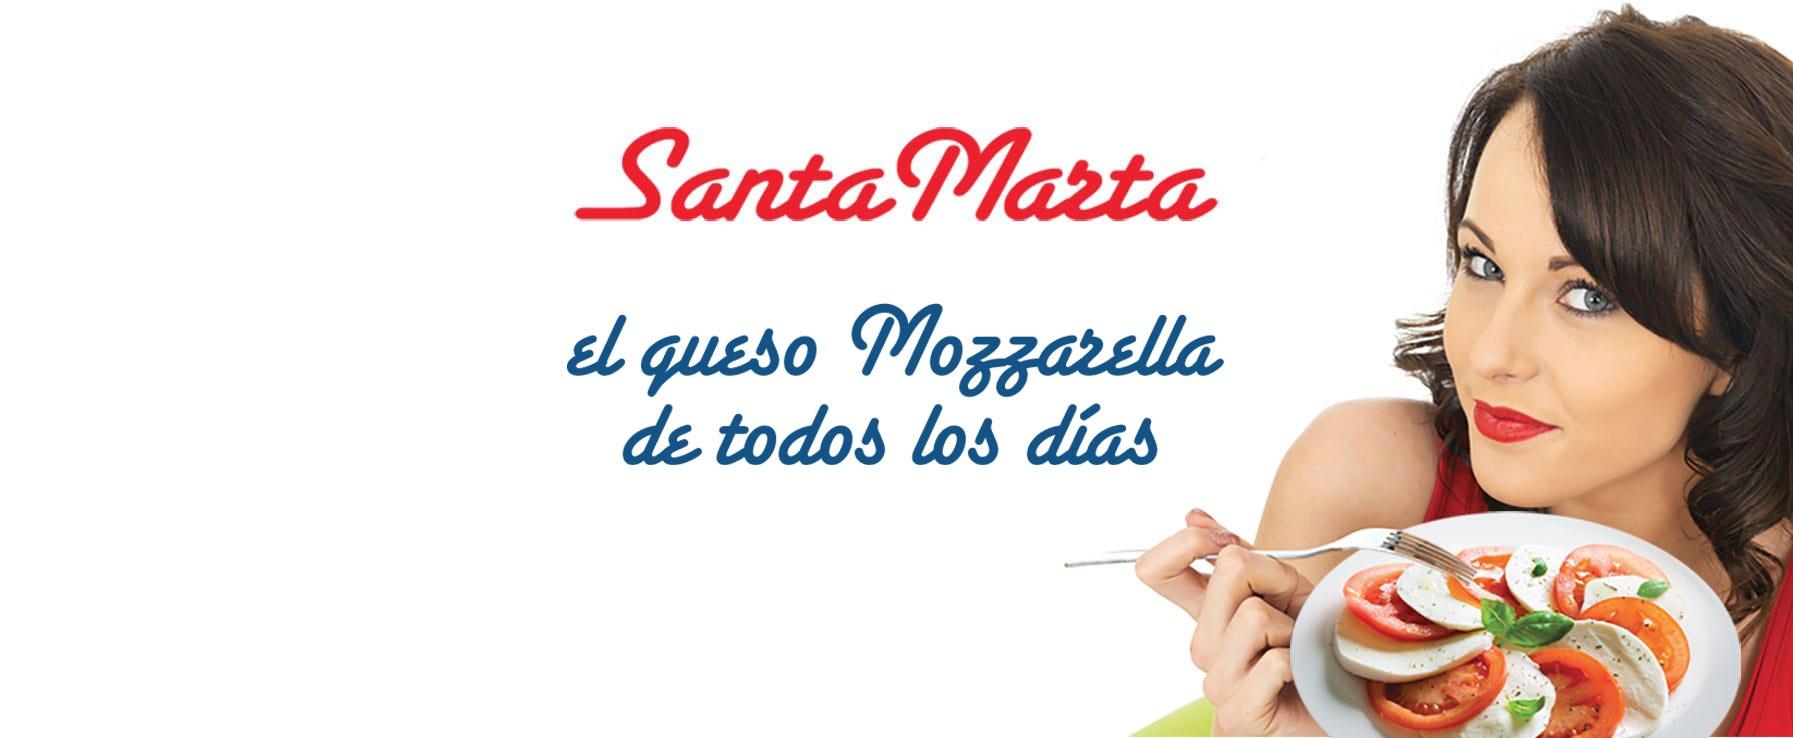 Santa Marta, el queso Mozzarella de todos los días